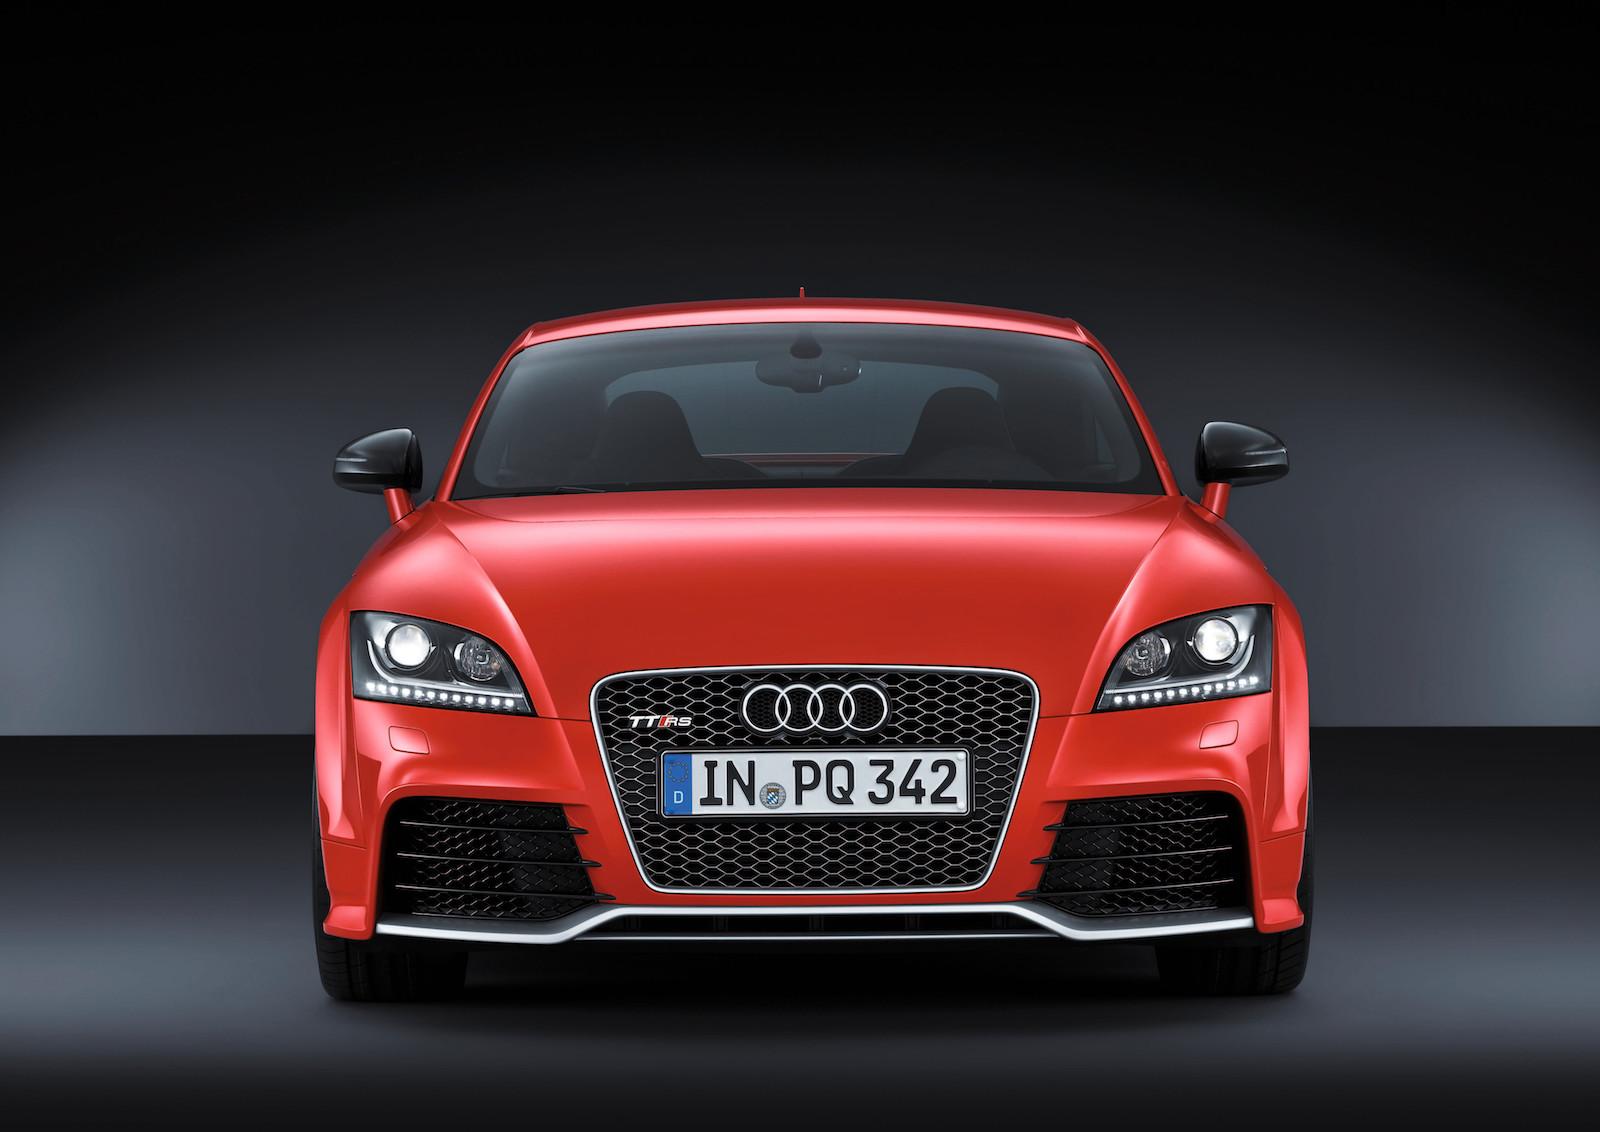 Audi-TT-RS-MK2-Disques-voiles-3.jpg